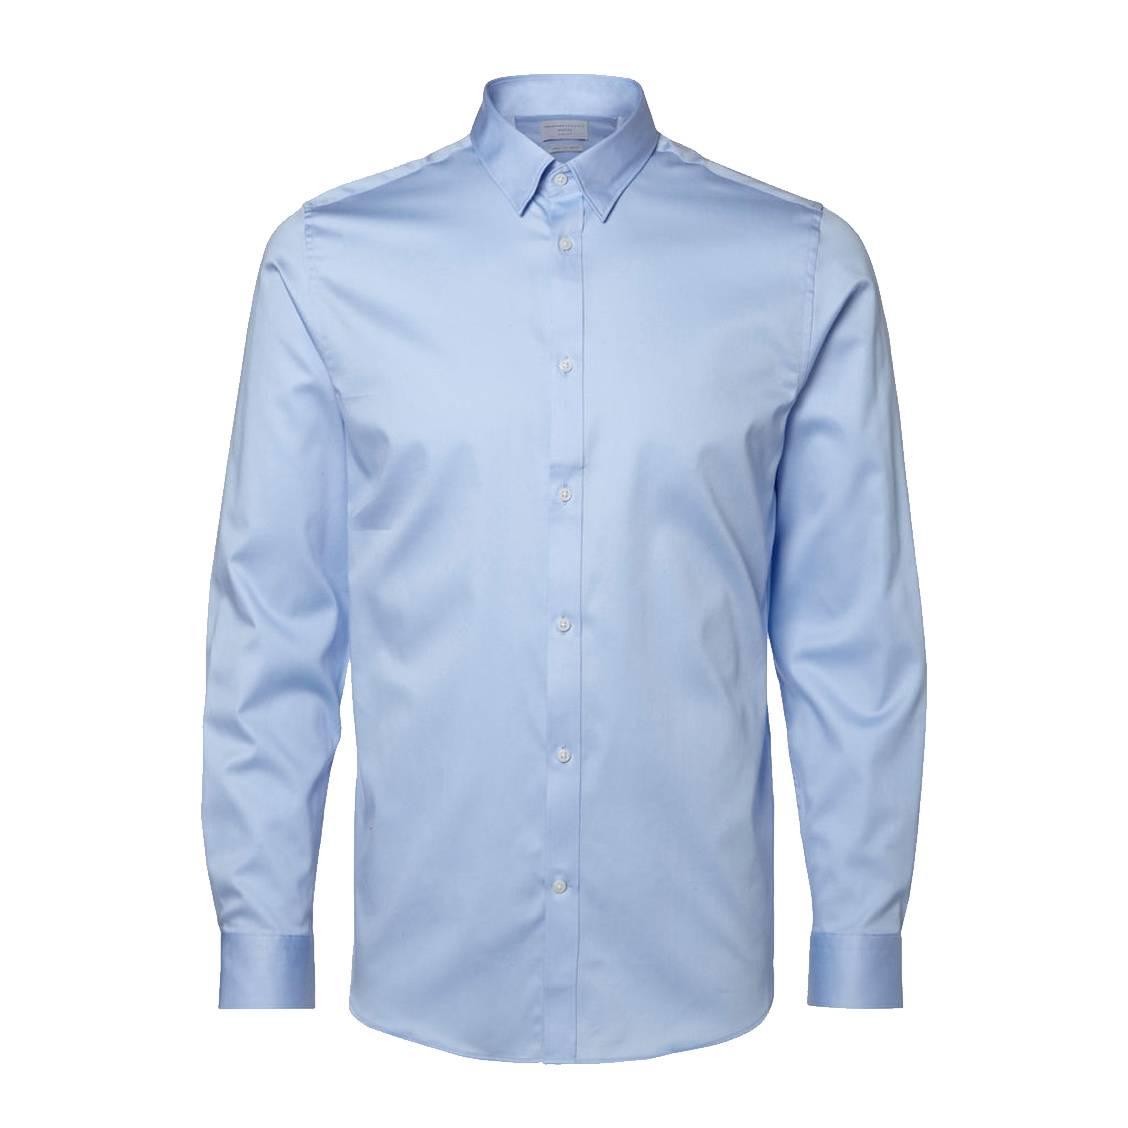 Chemise cintrée  en coton stretch bleu ciel, repassage facile